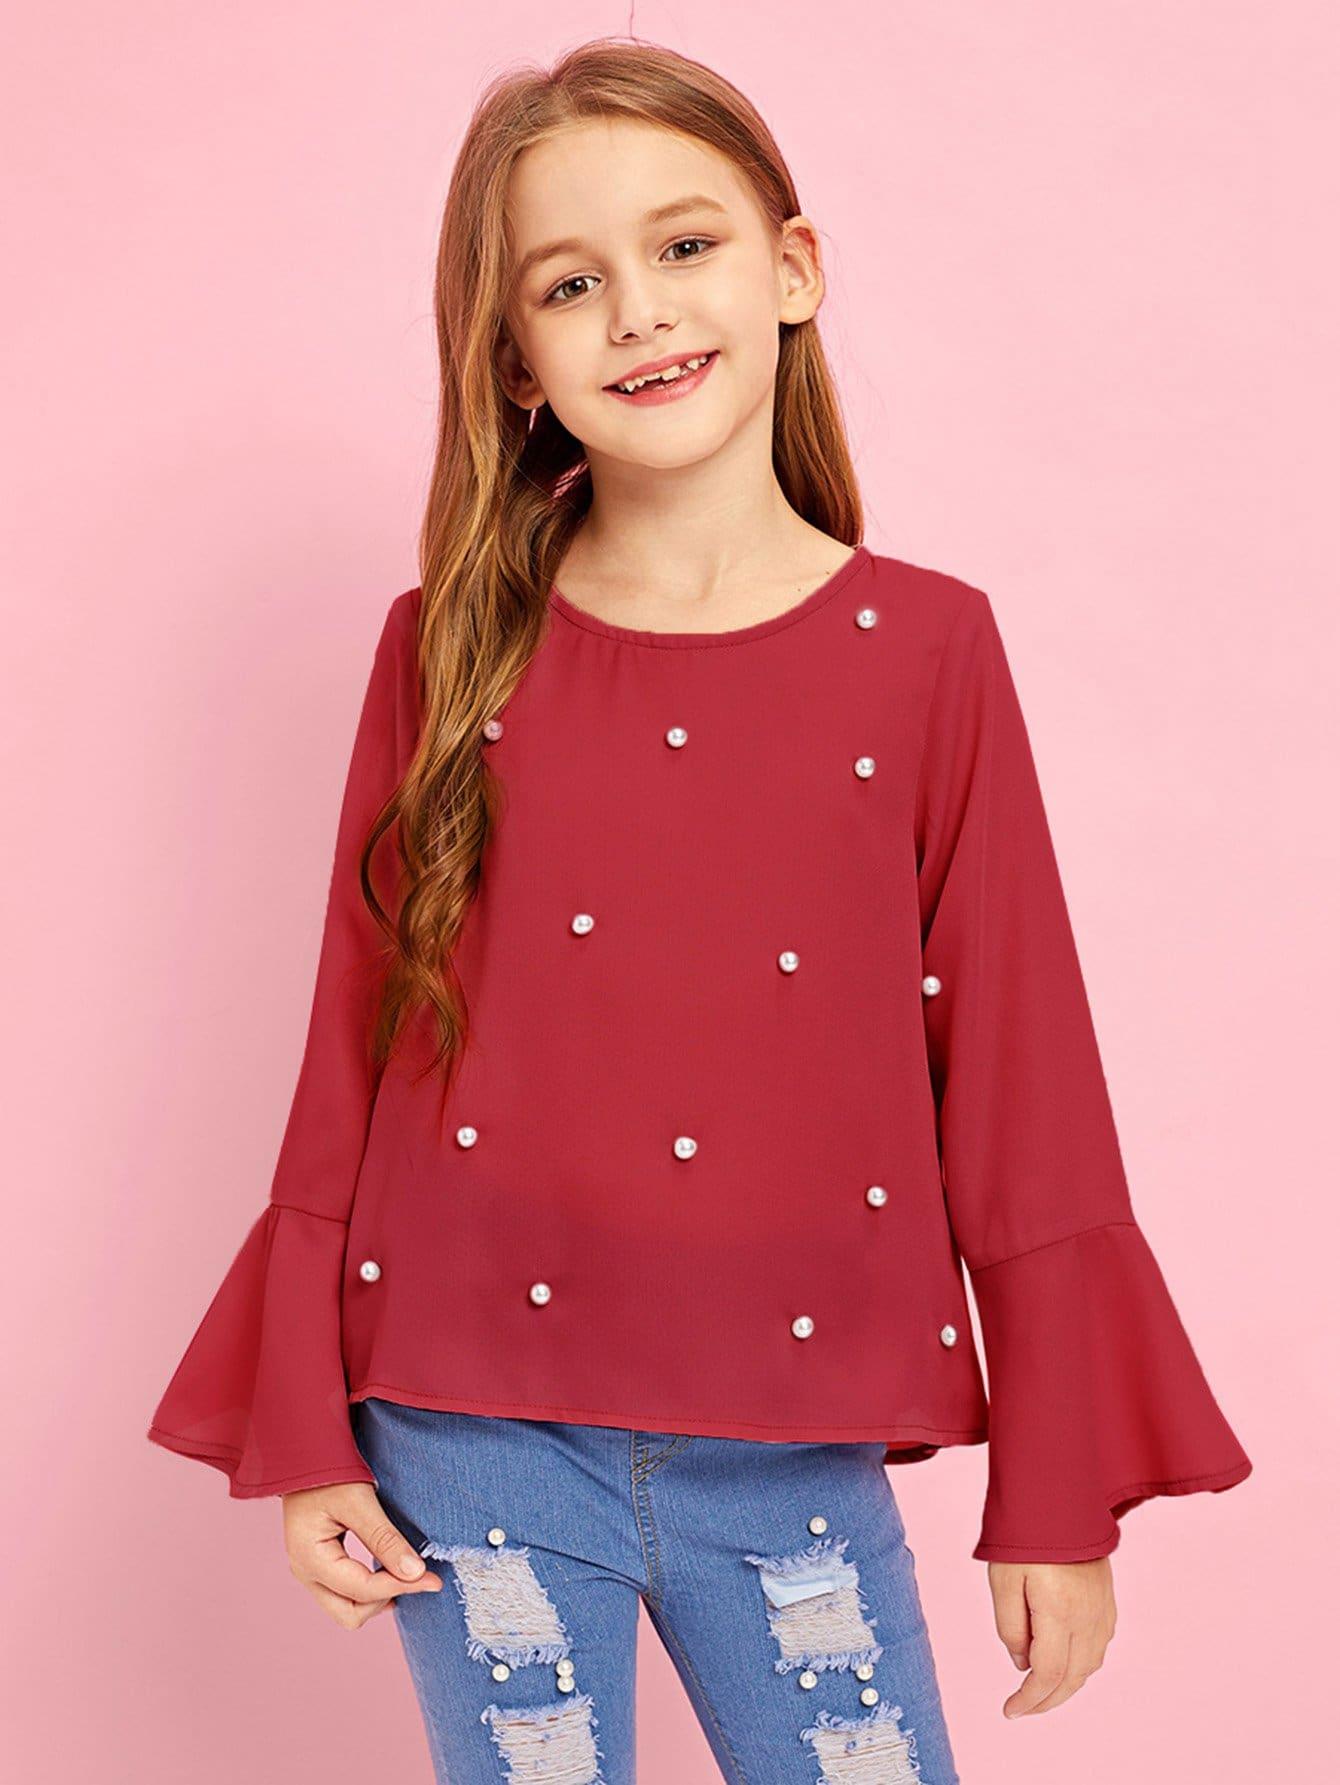 Купить Для девочек блузка с оборками рукавами с жемчугами, Sashab, SheIn